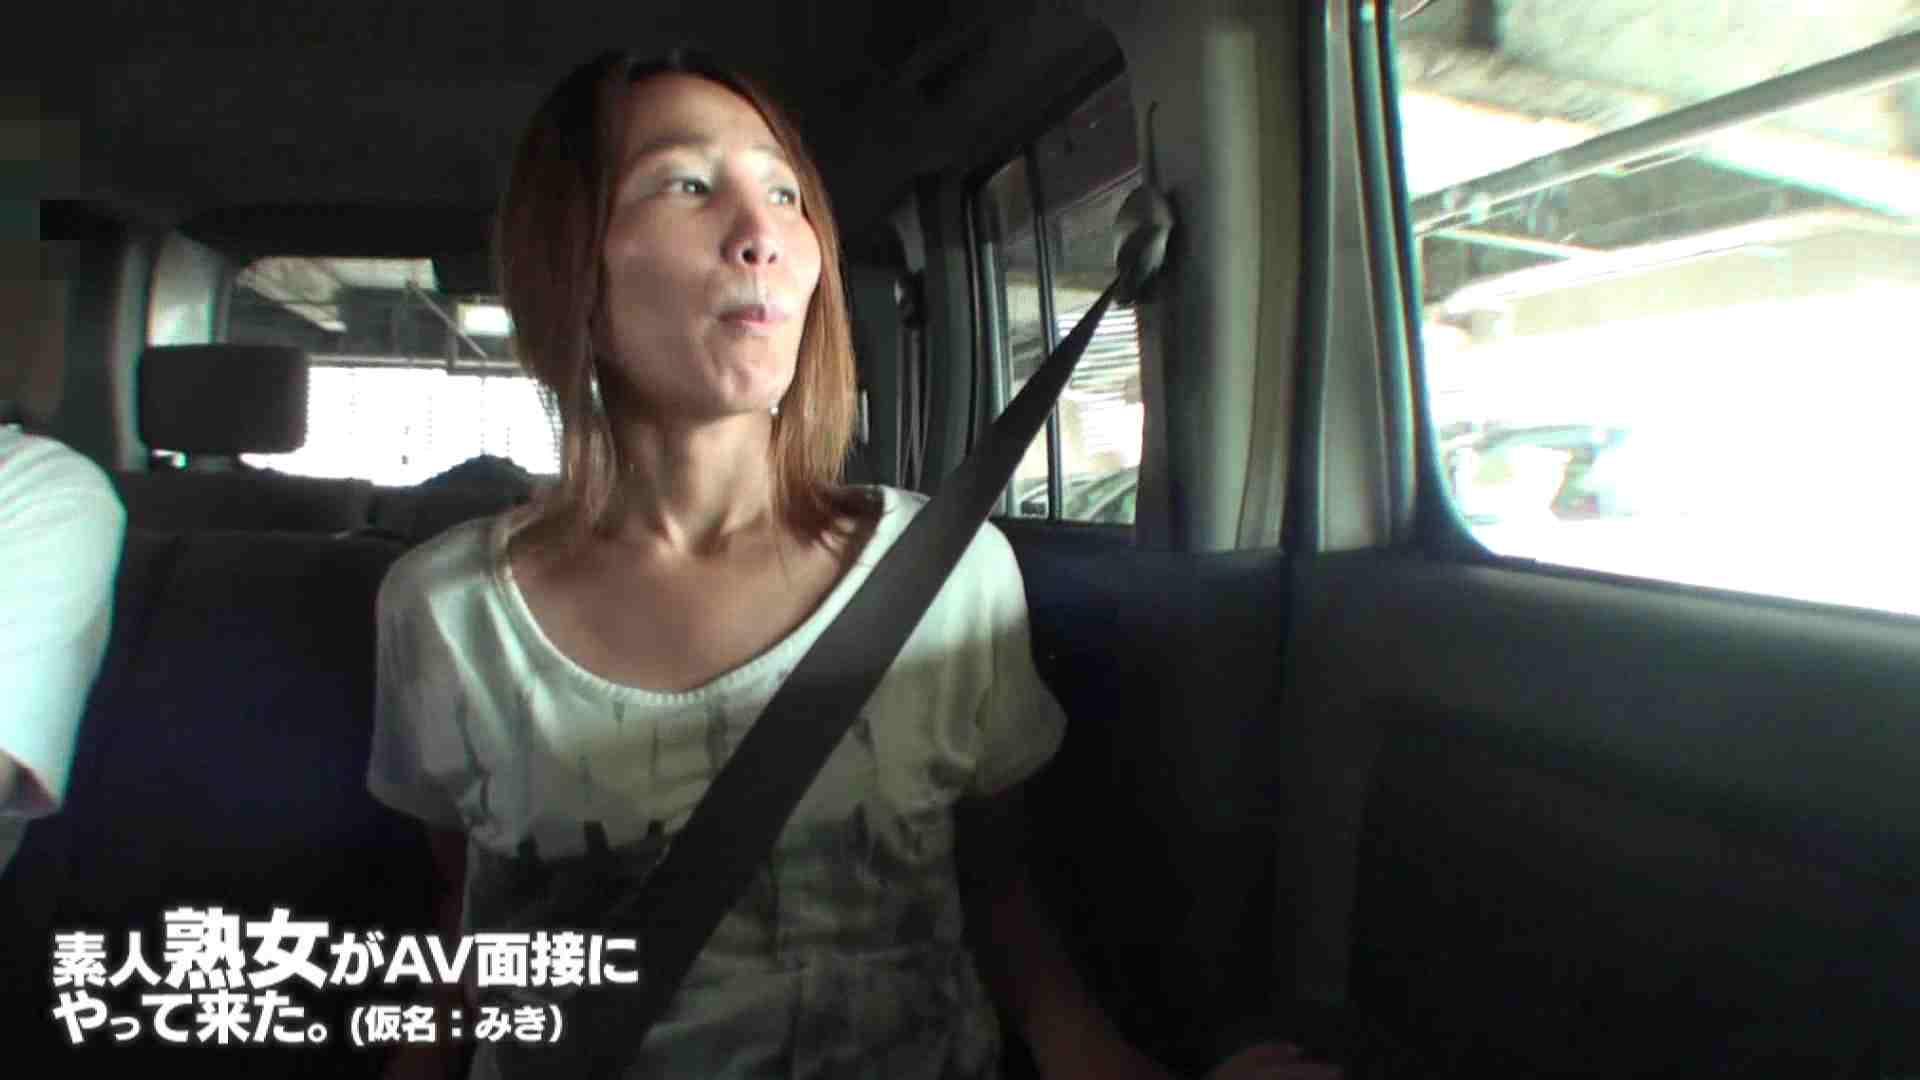 素人熟女がAV面接にやってきた (熟女)みきさんVOL.02 車 | 熟女の裸体  84画像 32